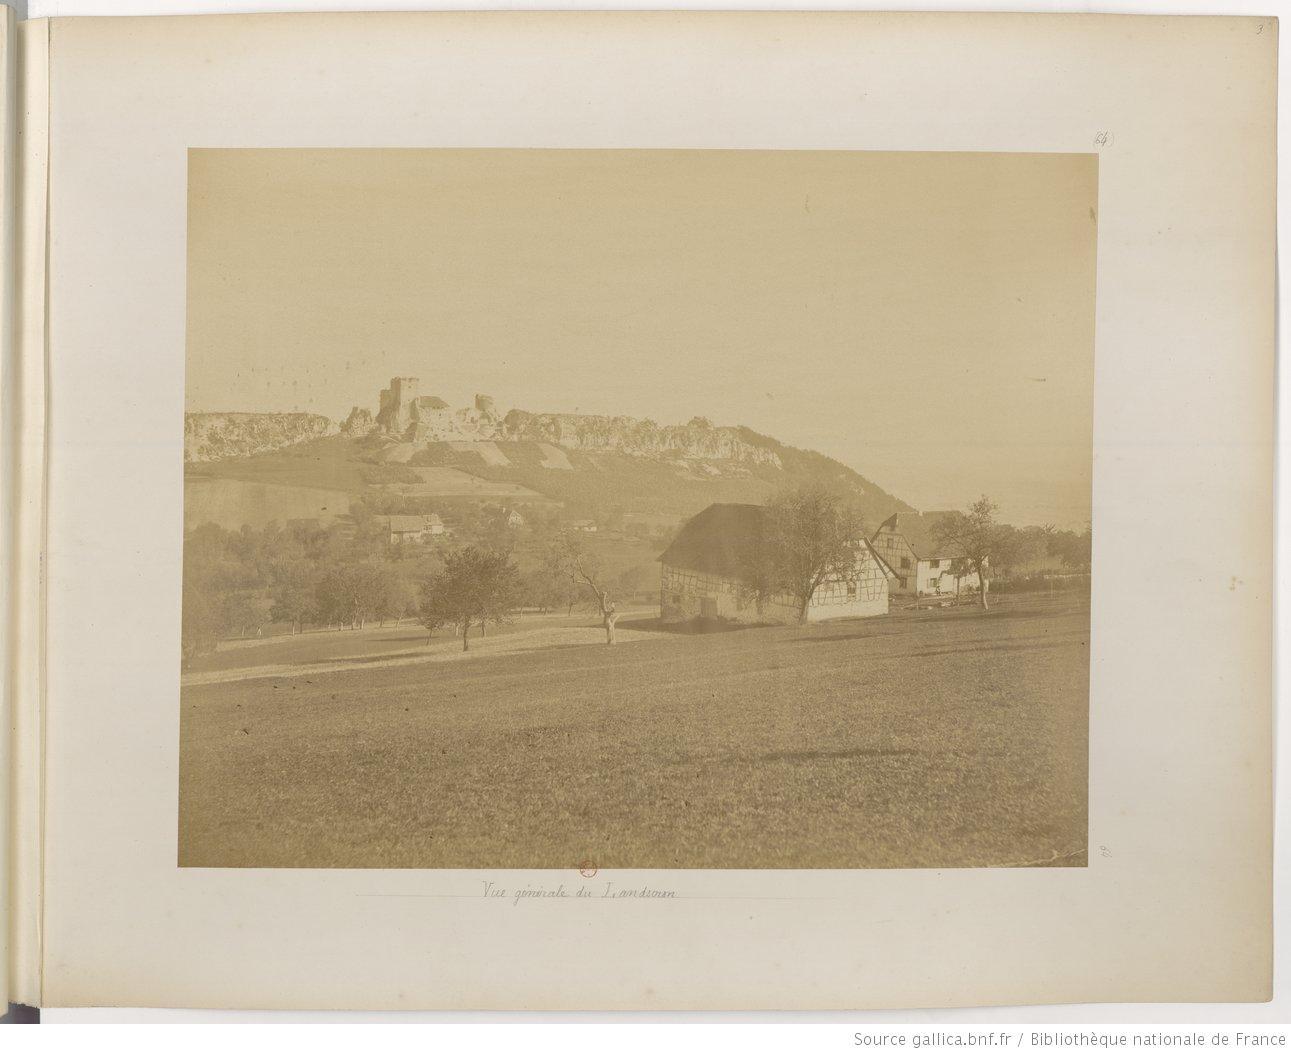 L'Alsace photographiée. Auteur : Adolphe Braun, 1859. Source gallica.bnf.fr / Bibliothèque nationale de France, département Estampes et photographie, FOL-VE-162